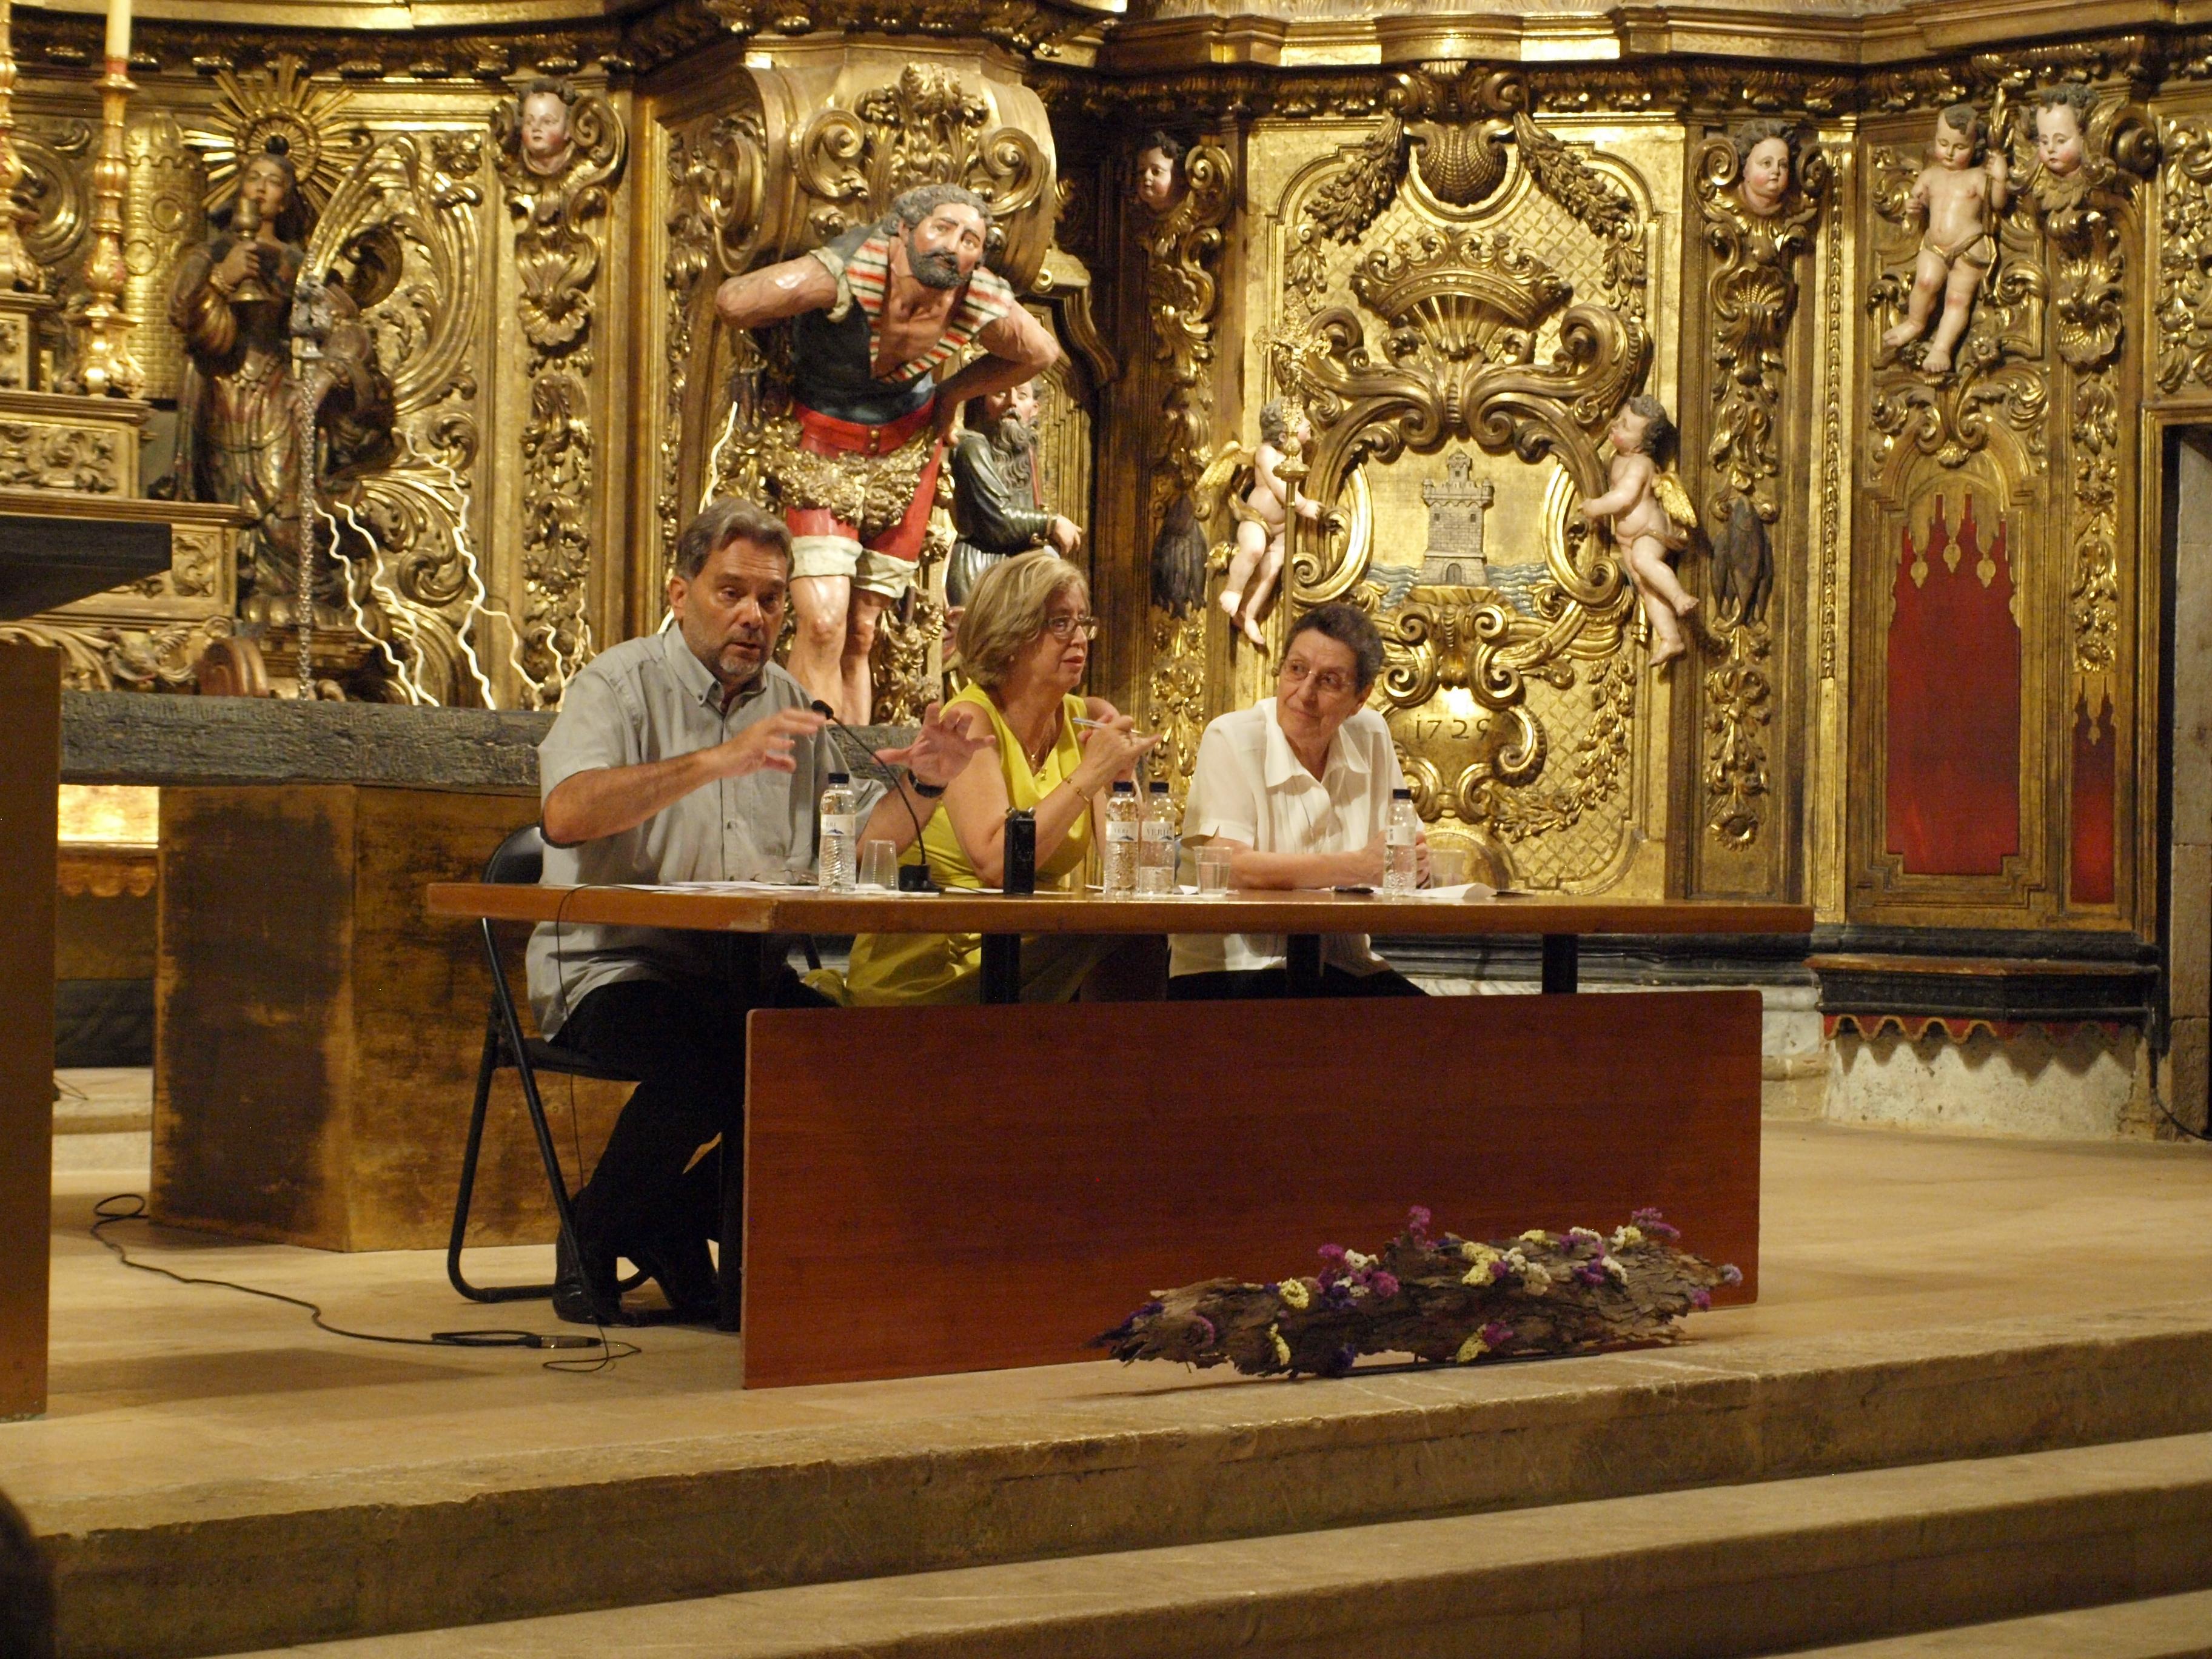 HOMENAJE A LAS HH. DOMINICAS DE LA ANUNCIATA EN CADAQUÉS (Girona)